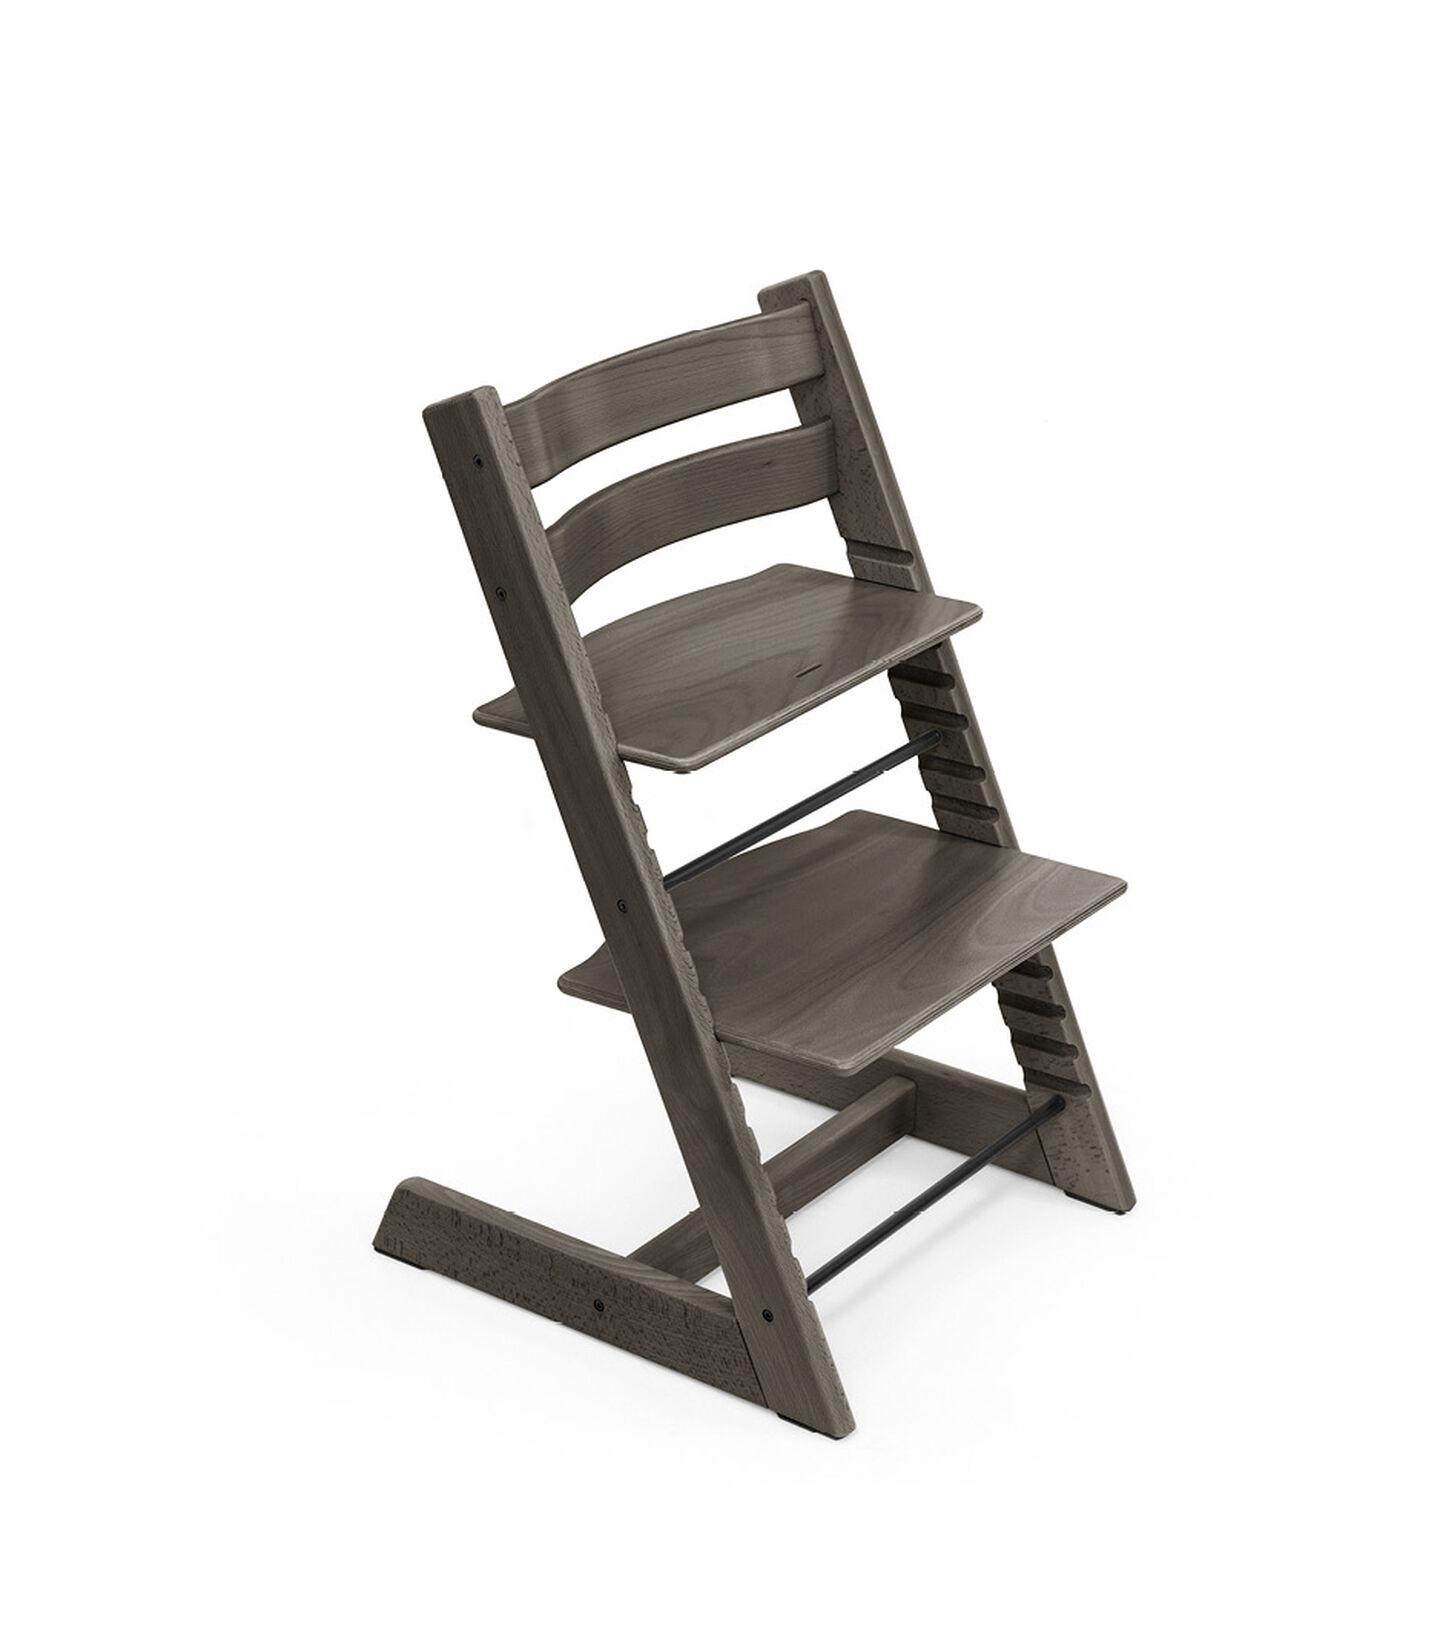 Tripp Trapp® Chair Hazy Grey, Hazy Grey, mainview view 1